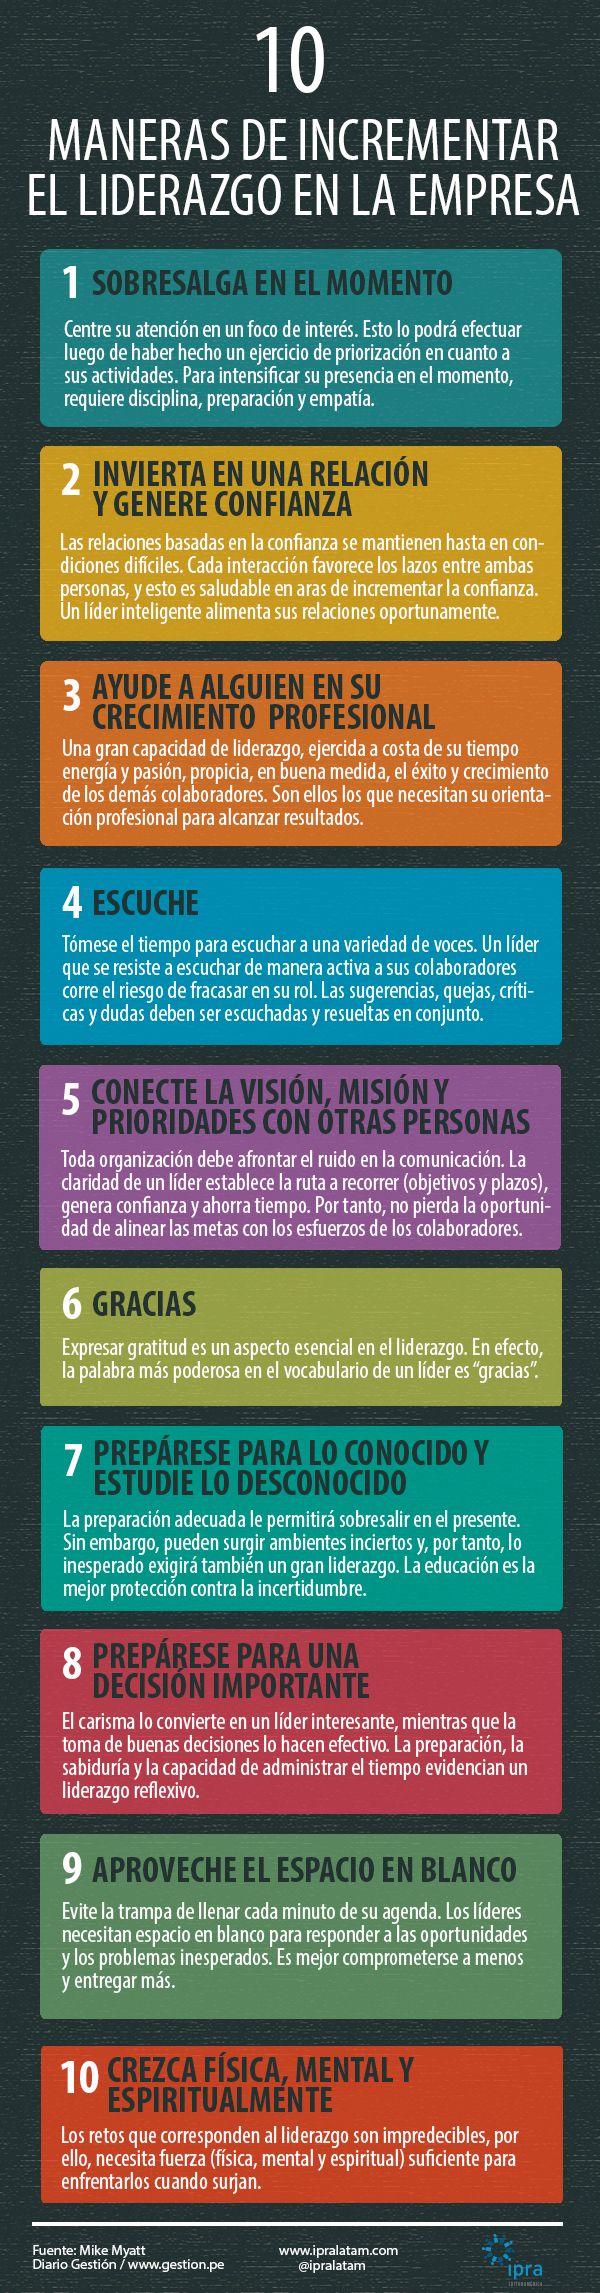 Diez maneras de incrementar el LIDERAZGO en la empresa. #estudiantes #liderazgo #umayor